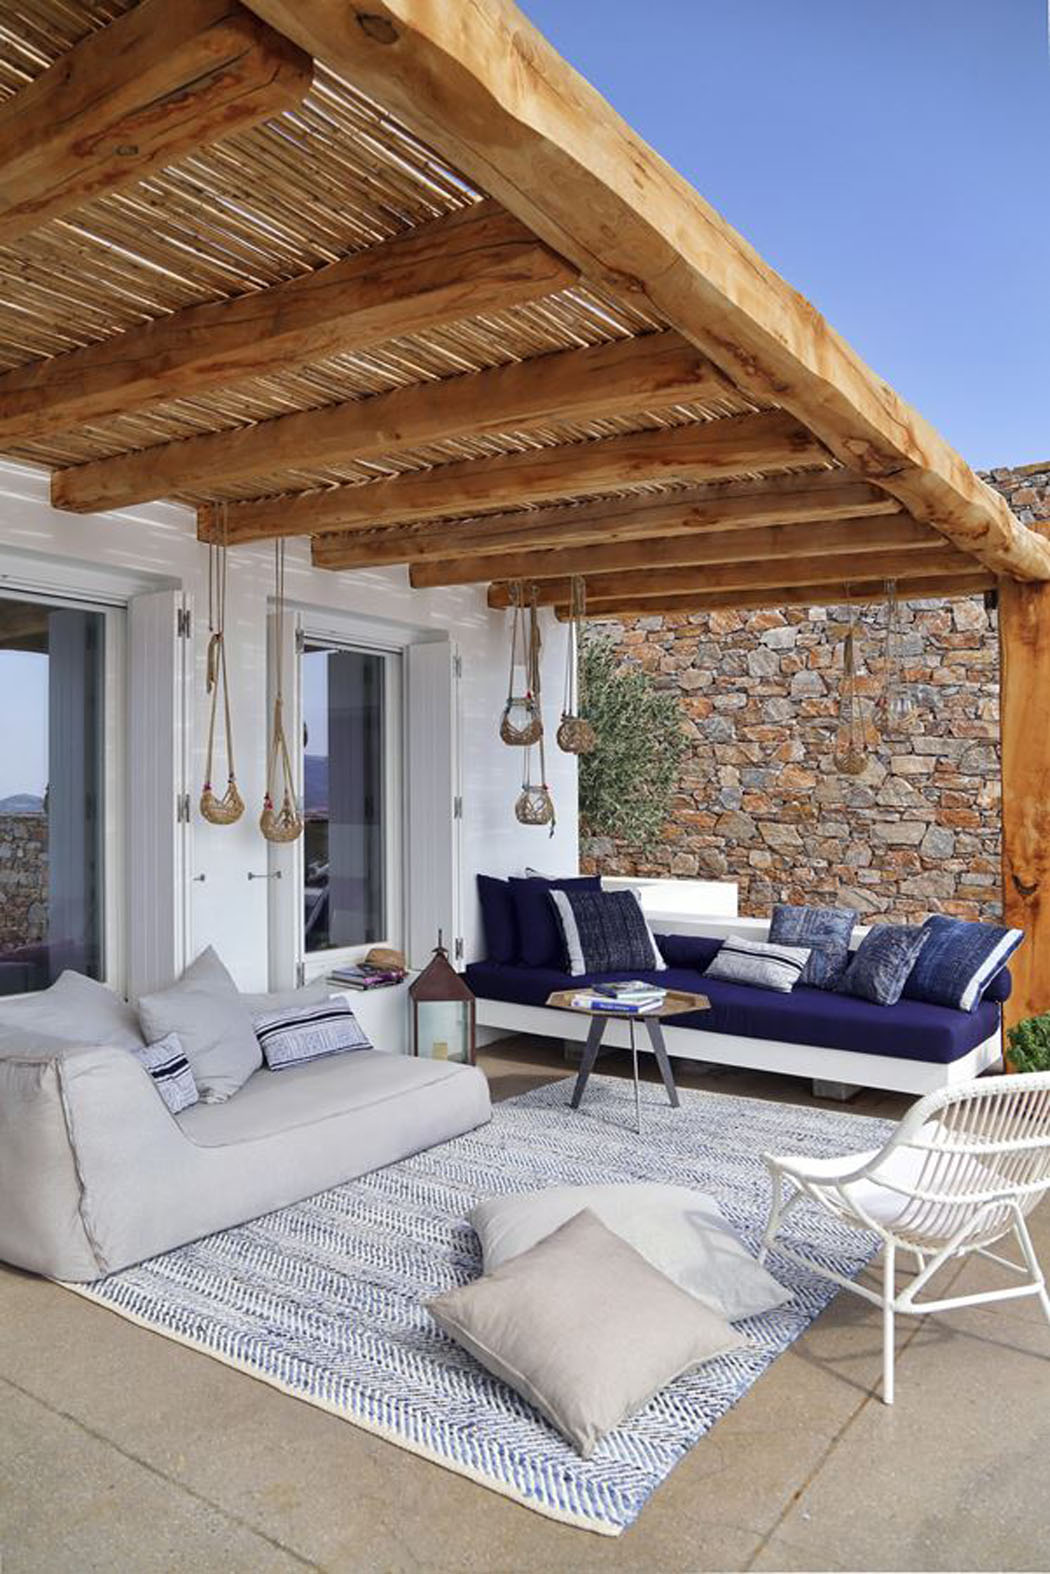 Villa de vacances en gr ce au design int rieur minimaliste - Residence de vacances gedney architecte ...